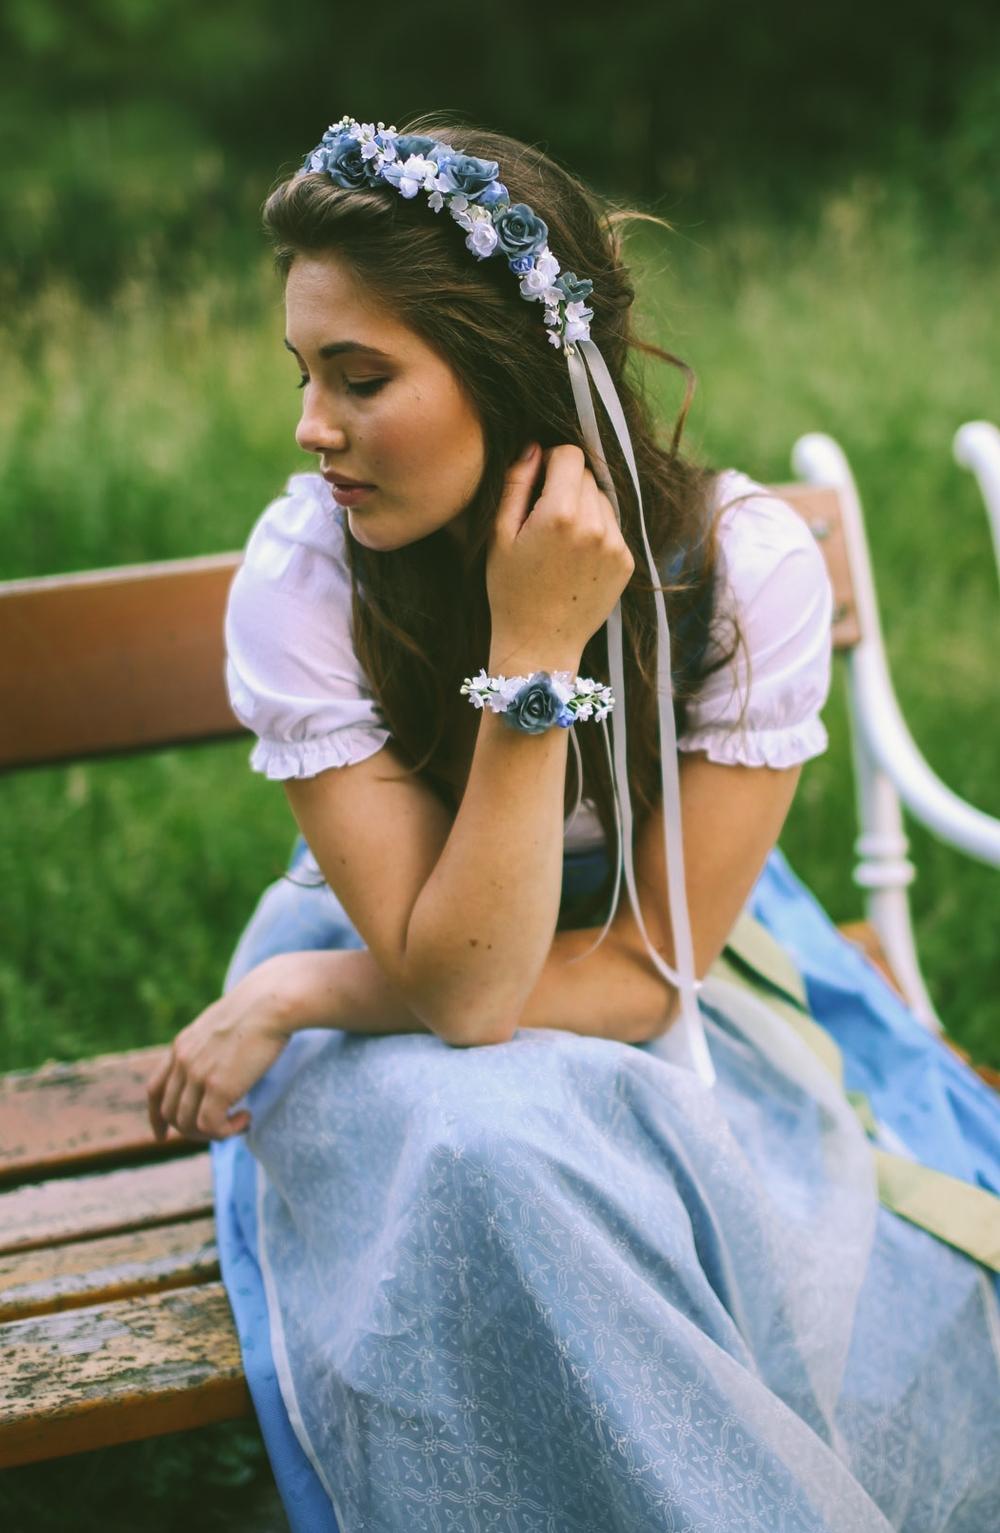 ADA16_Lookbook_(c)_melina_weger_We_are_flowergirls_blumenkranz_trachten_flowercrown_(30_von_40)_HiRes